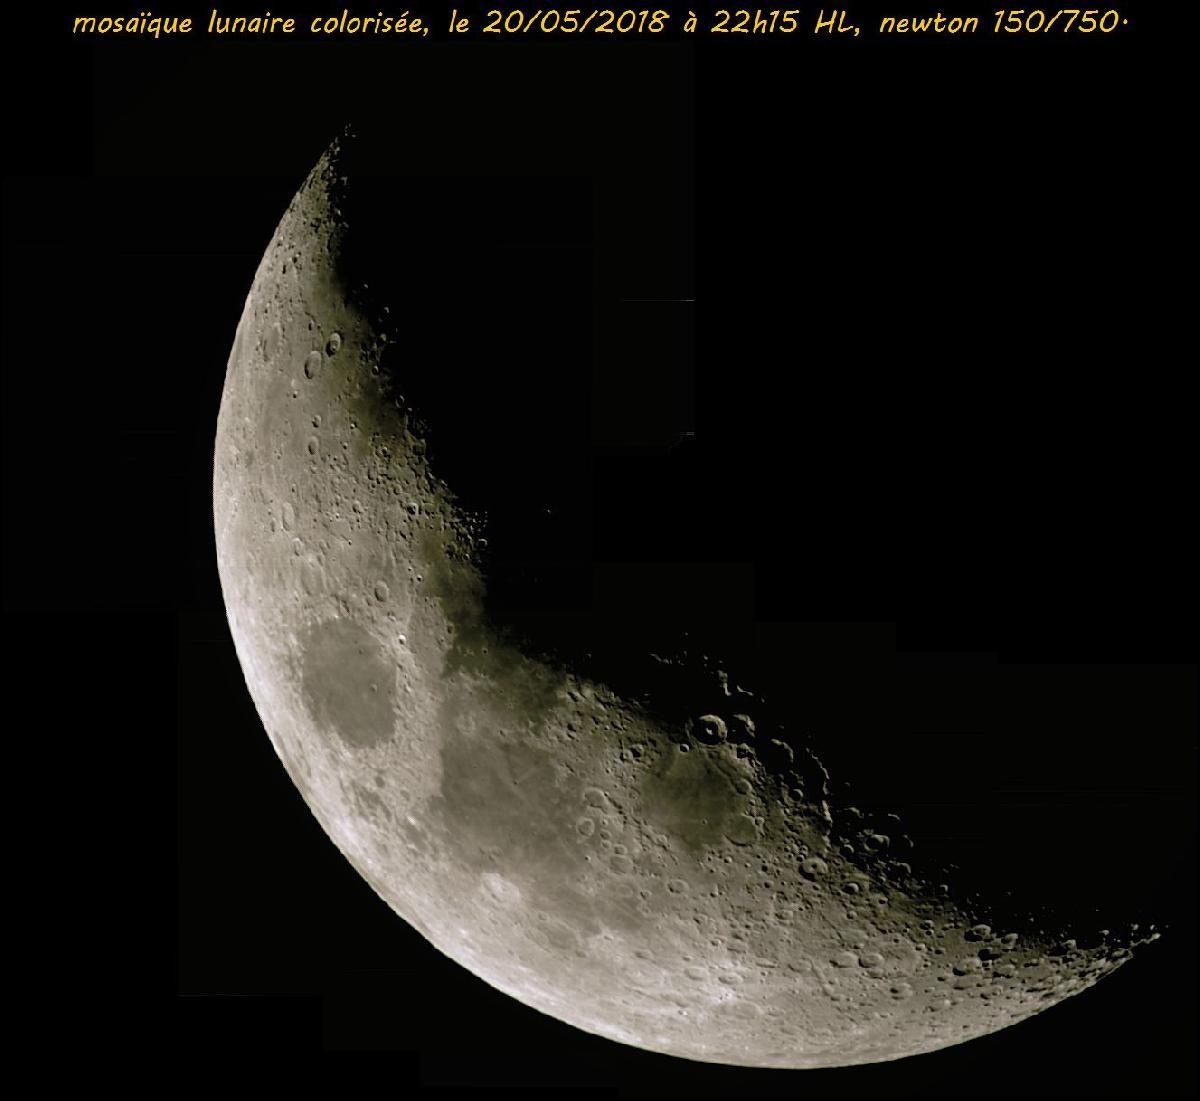 lune color